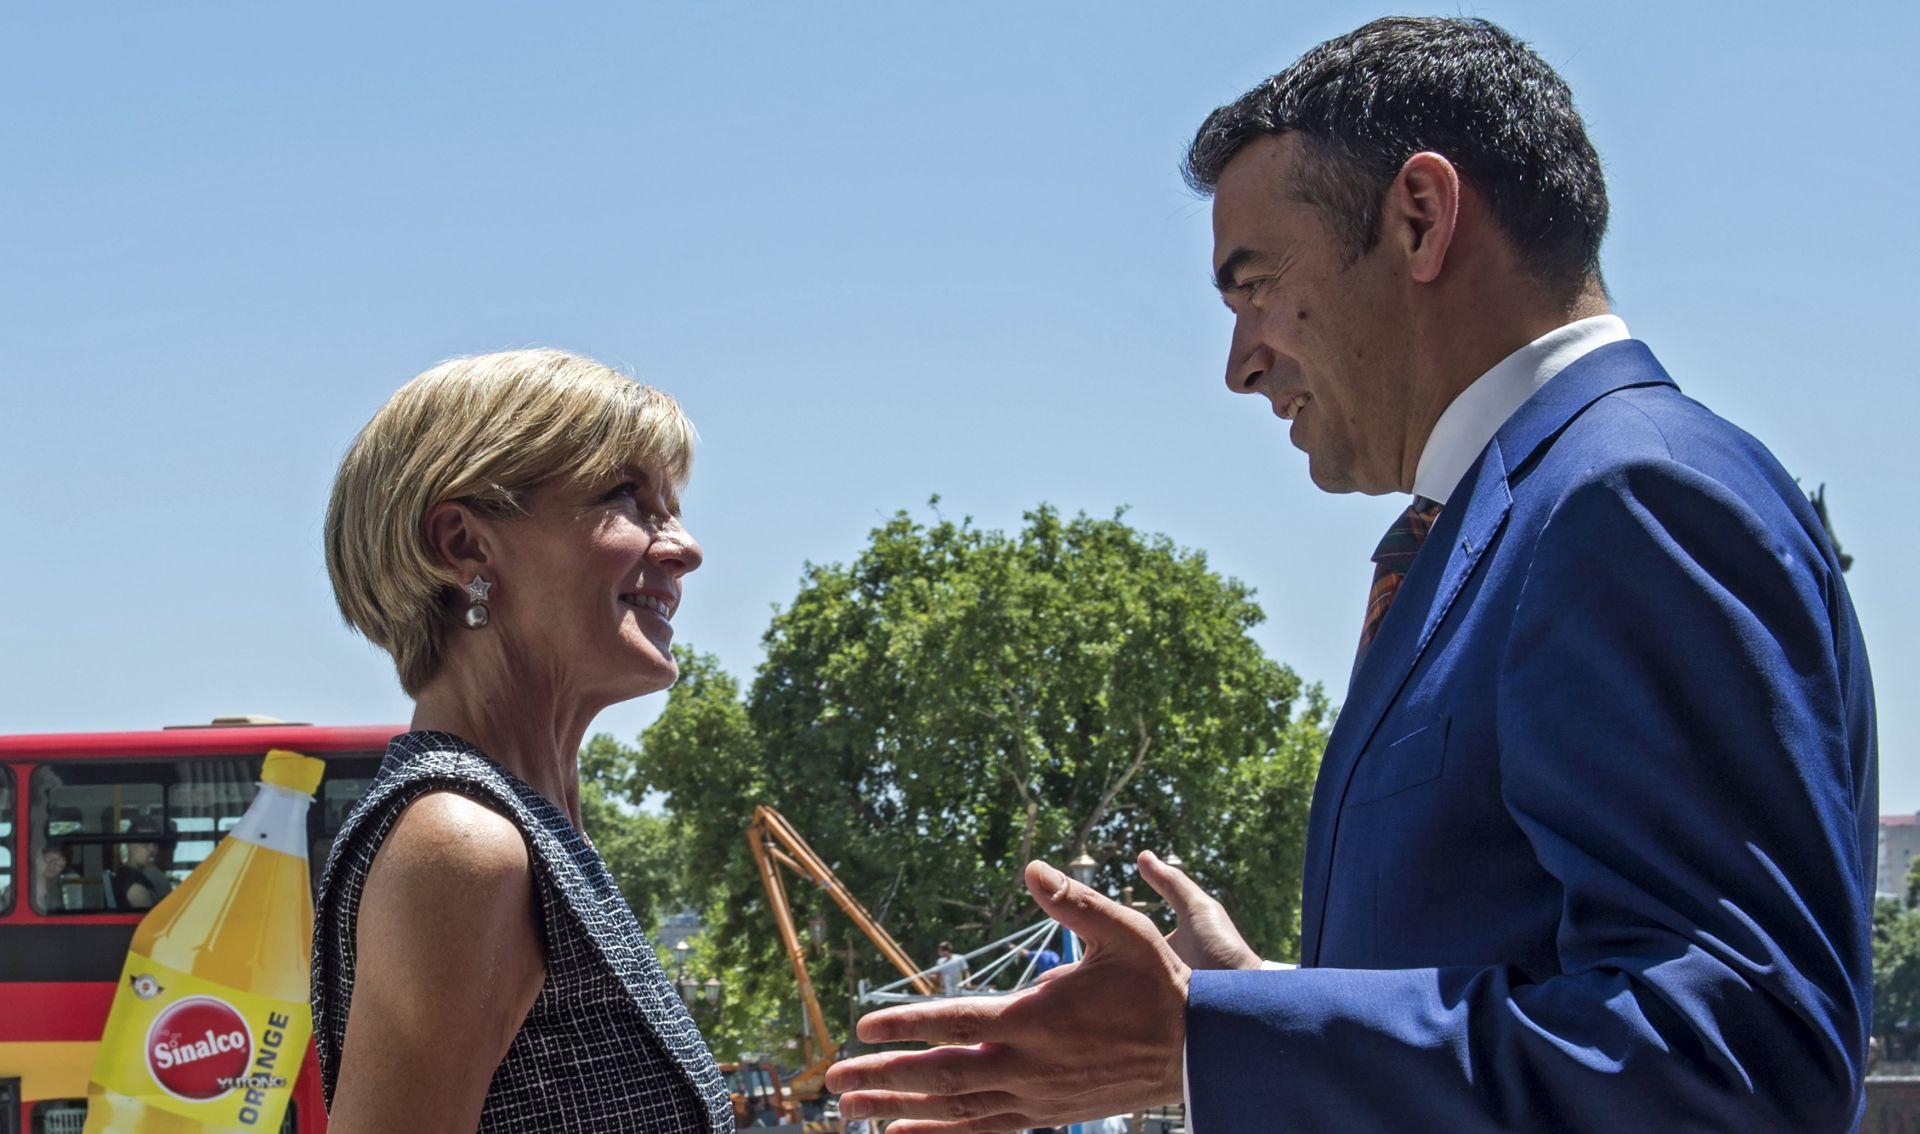 Makedonski ministar tvrdi kako Balkan može vratiti samopouzdanje EU-u